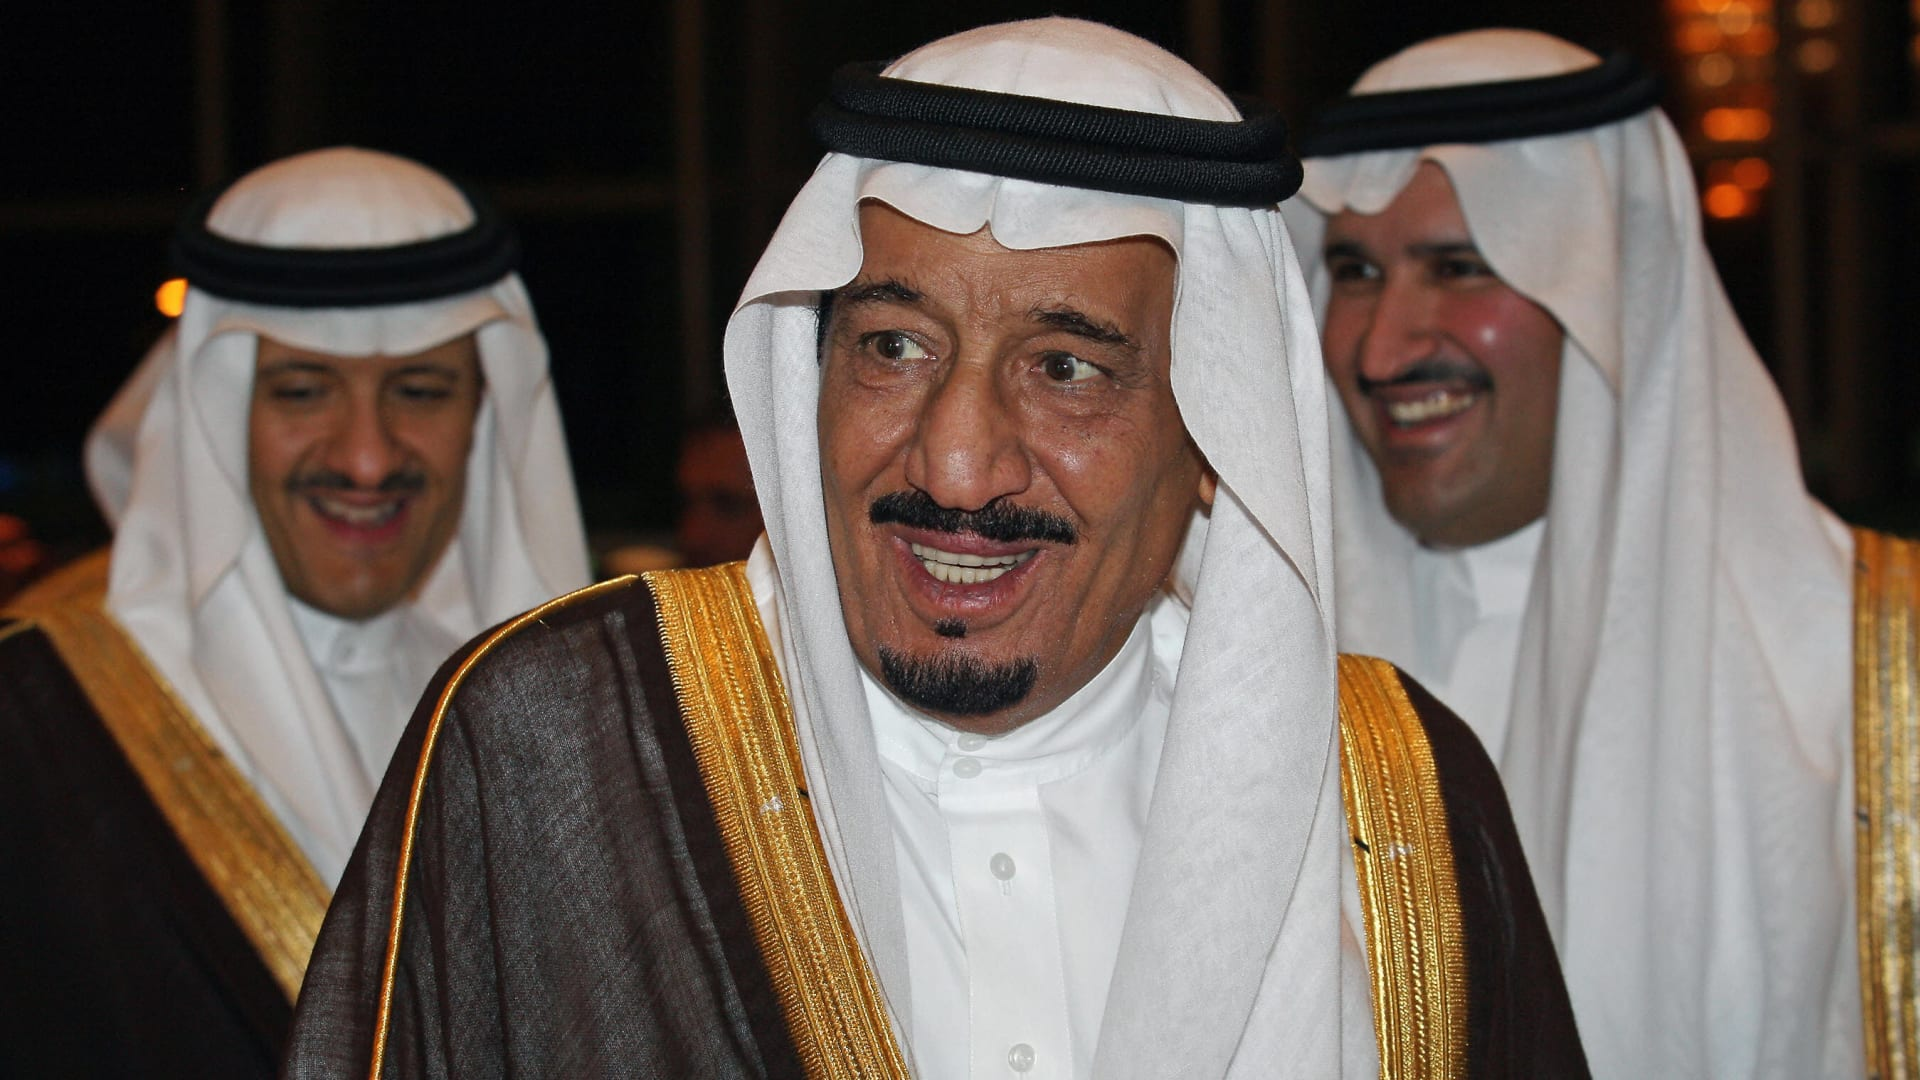 صورة أرشيفية للعاهل السعودي الملك سلمان